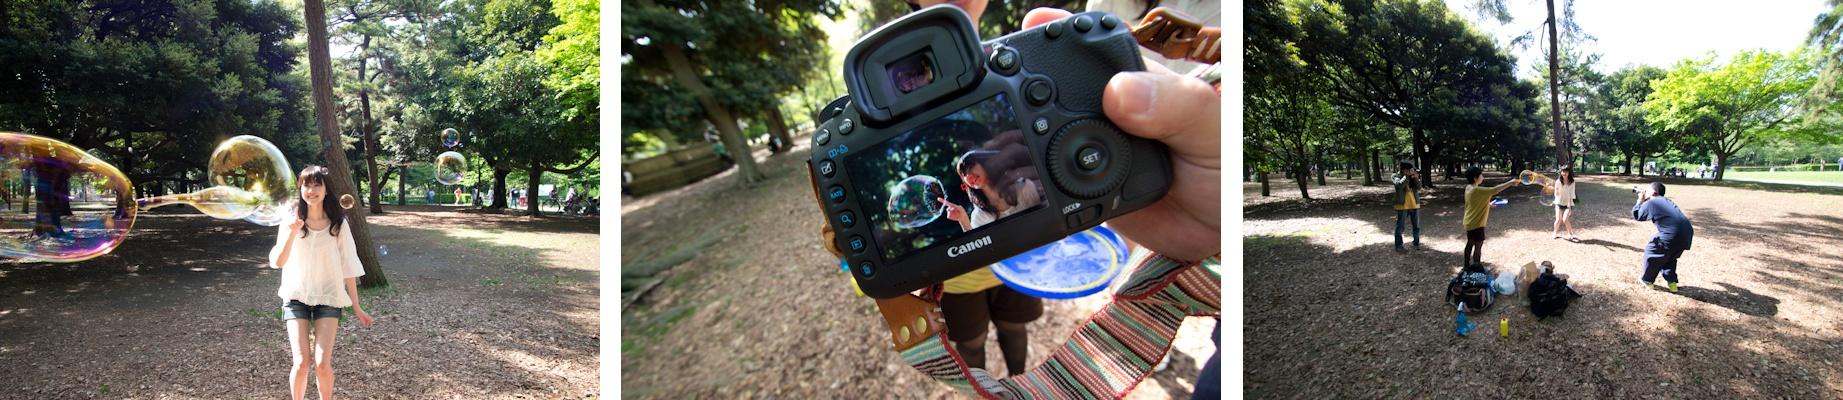 <b>この日は「デジキャパ!」6月号(学研パブリッシング)の初心者向けのテクニック講座ページの撮影現場、代々木公園や裏原宿などへお邪魔して、ついでにボクも同じテクニックで撮ってみた(笑)。モデルで登場しているのは澤田園子さん。デジキャパ! 編集部の三木さん、池田さんオツカレサンでした!</b>